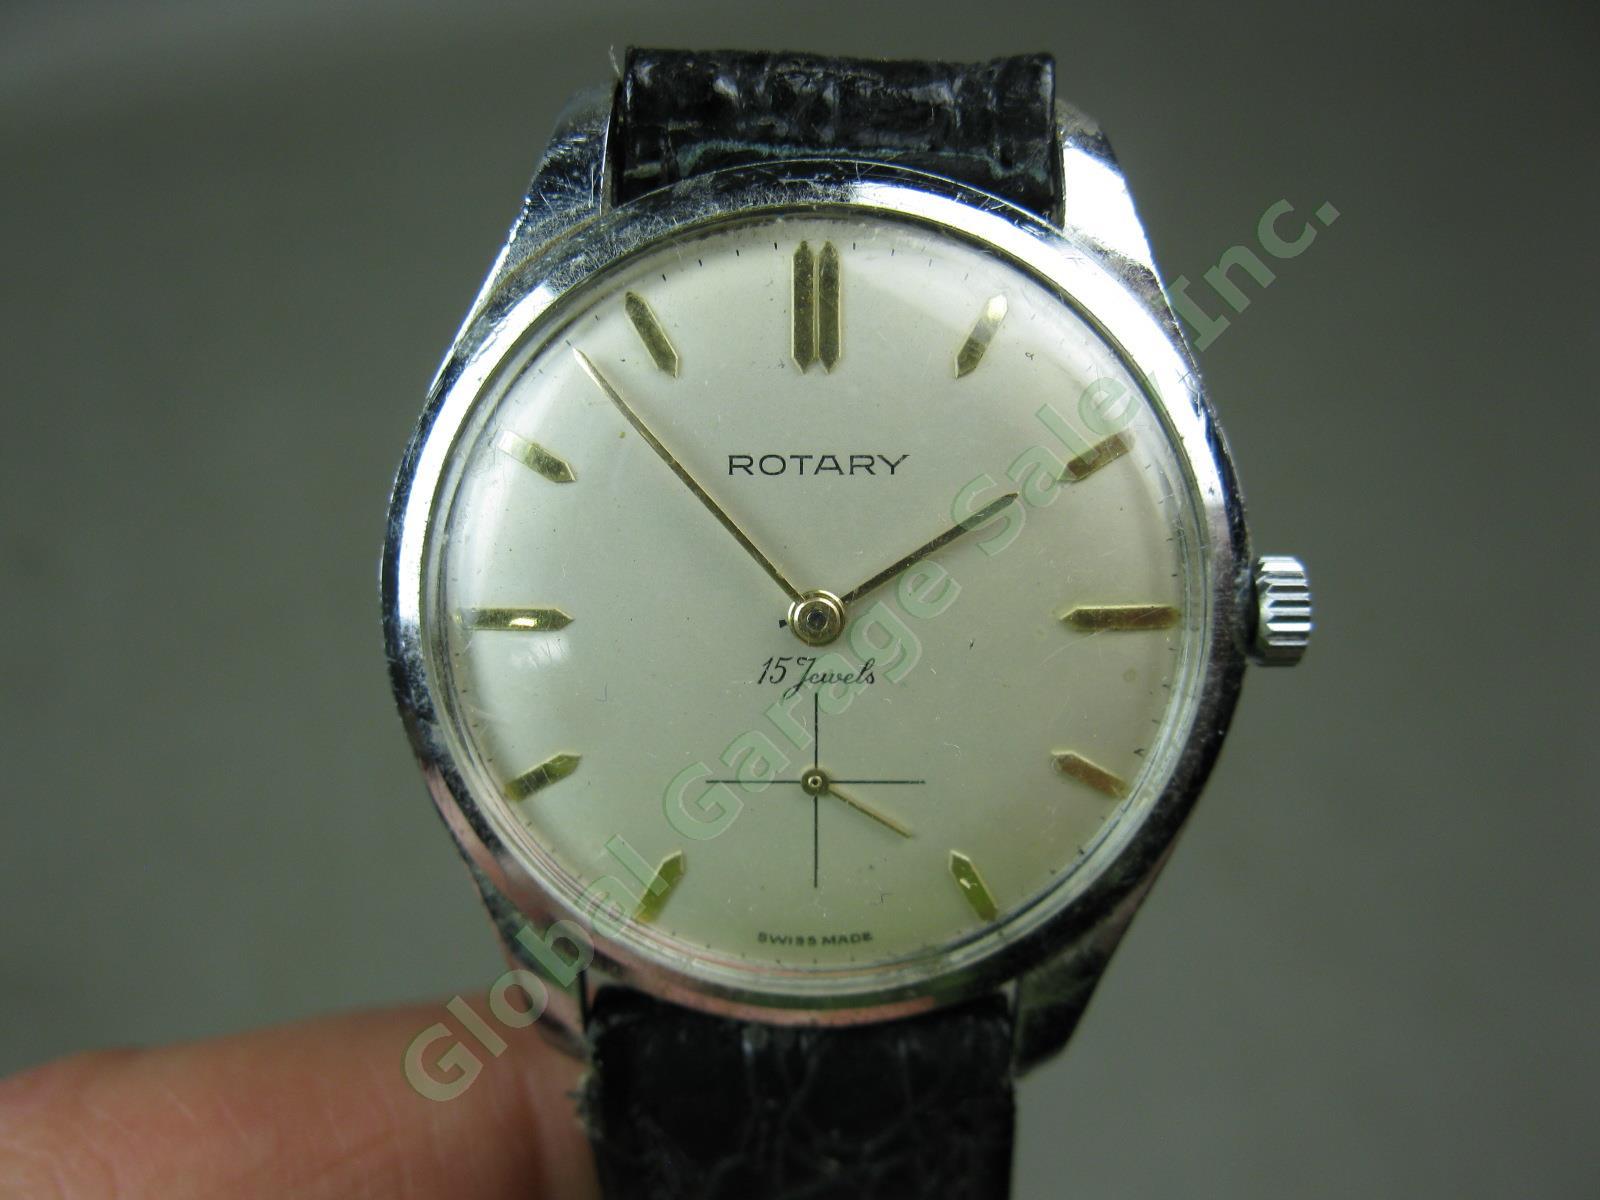 Wyler replica watches - Wyler Watches Au